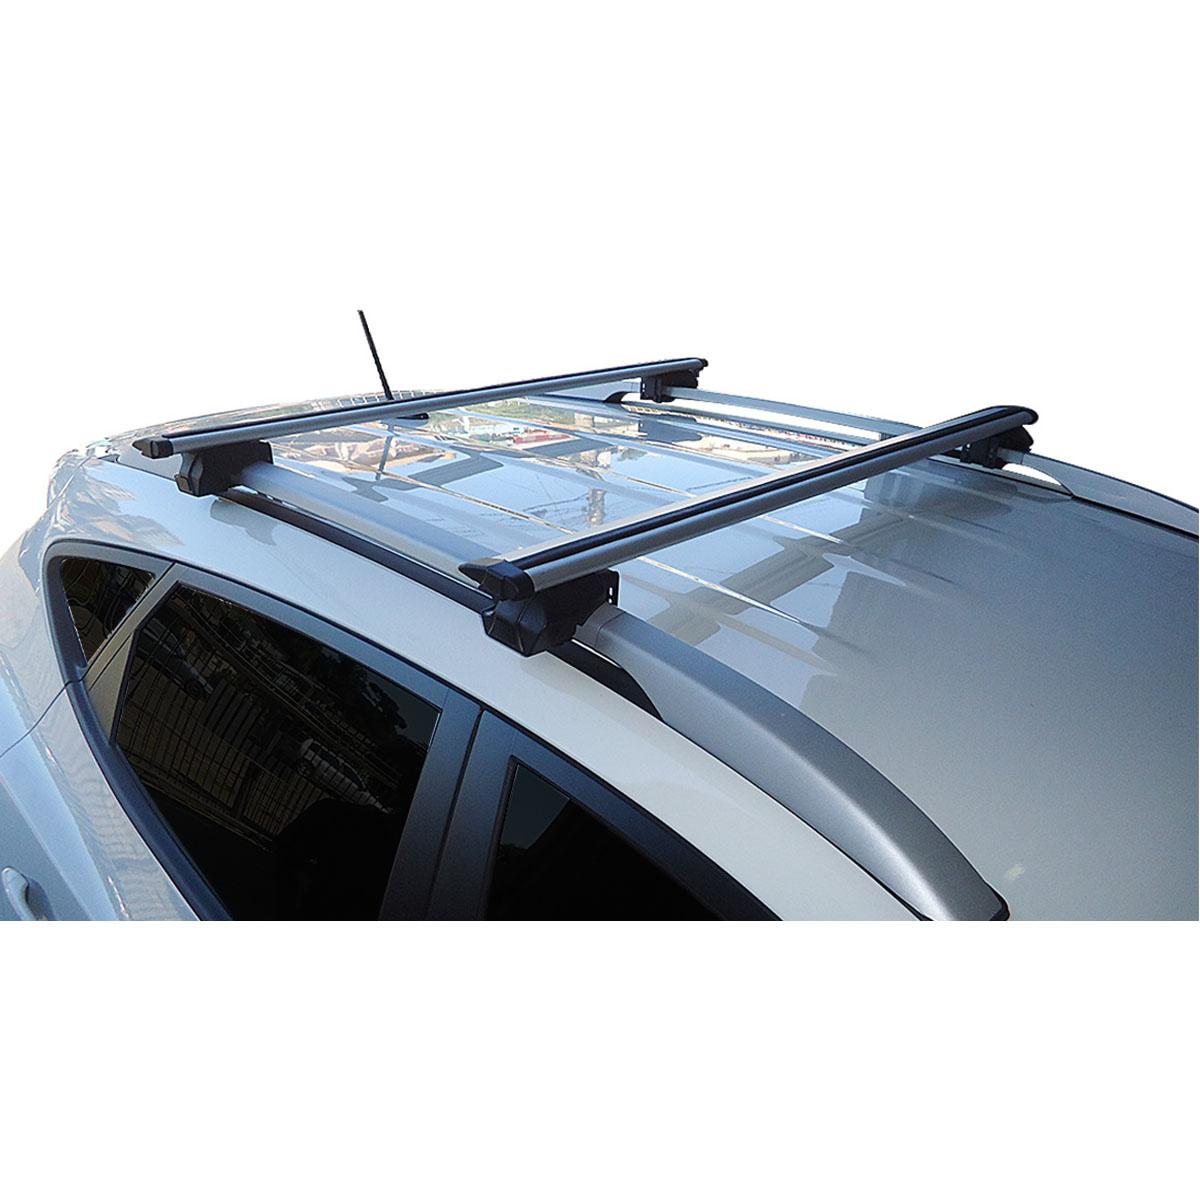 Travessa rack de teto Procargo Tracker 1999 a 2009 com trava de segurança